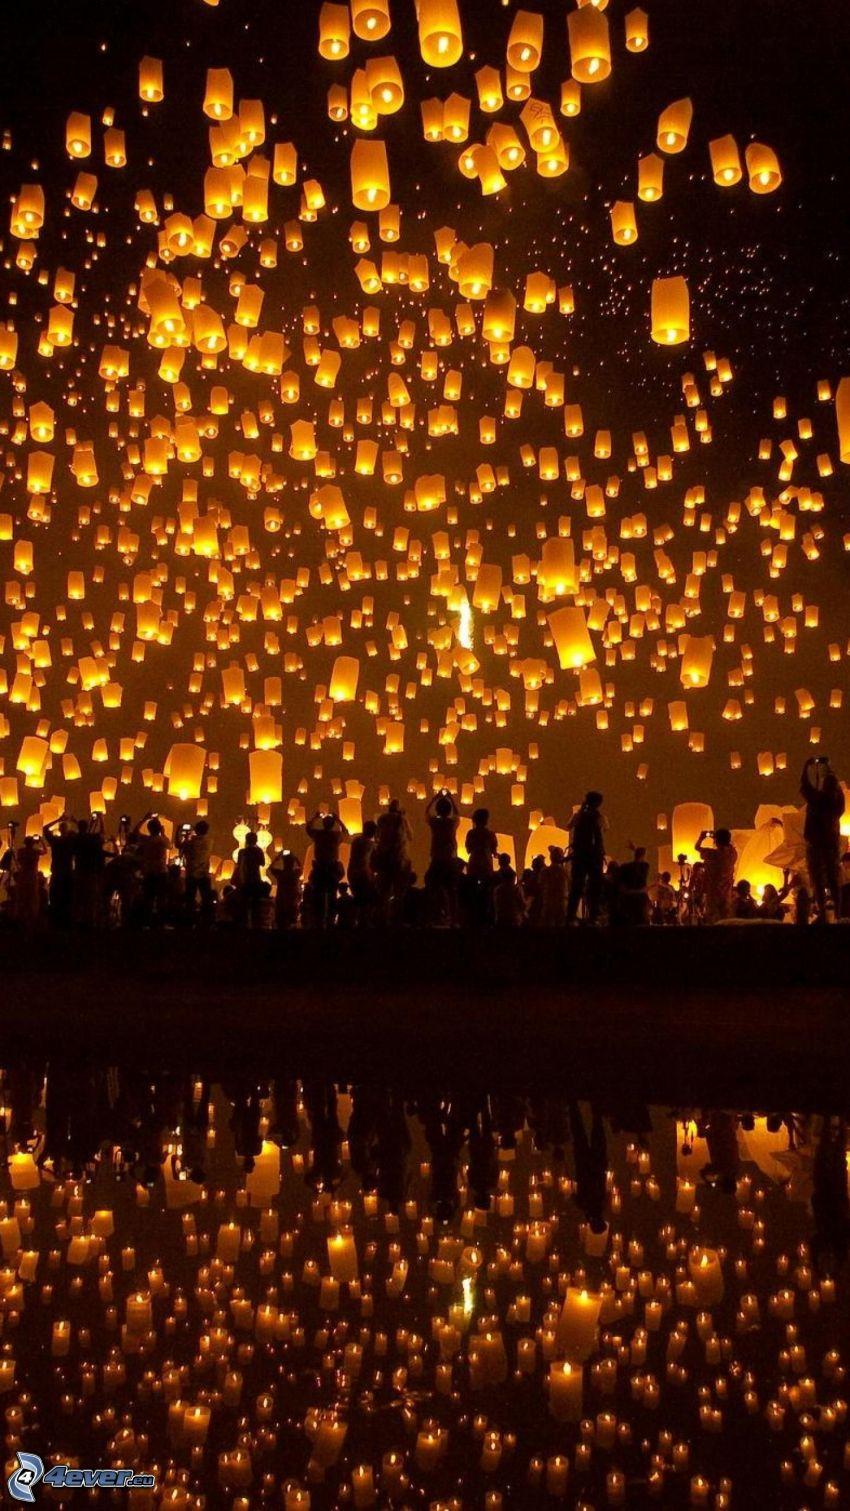 lanternes, de chance, silhouettes de personnes, reflexion